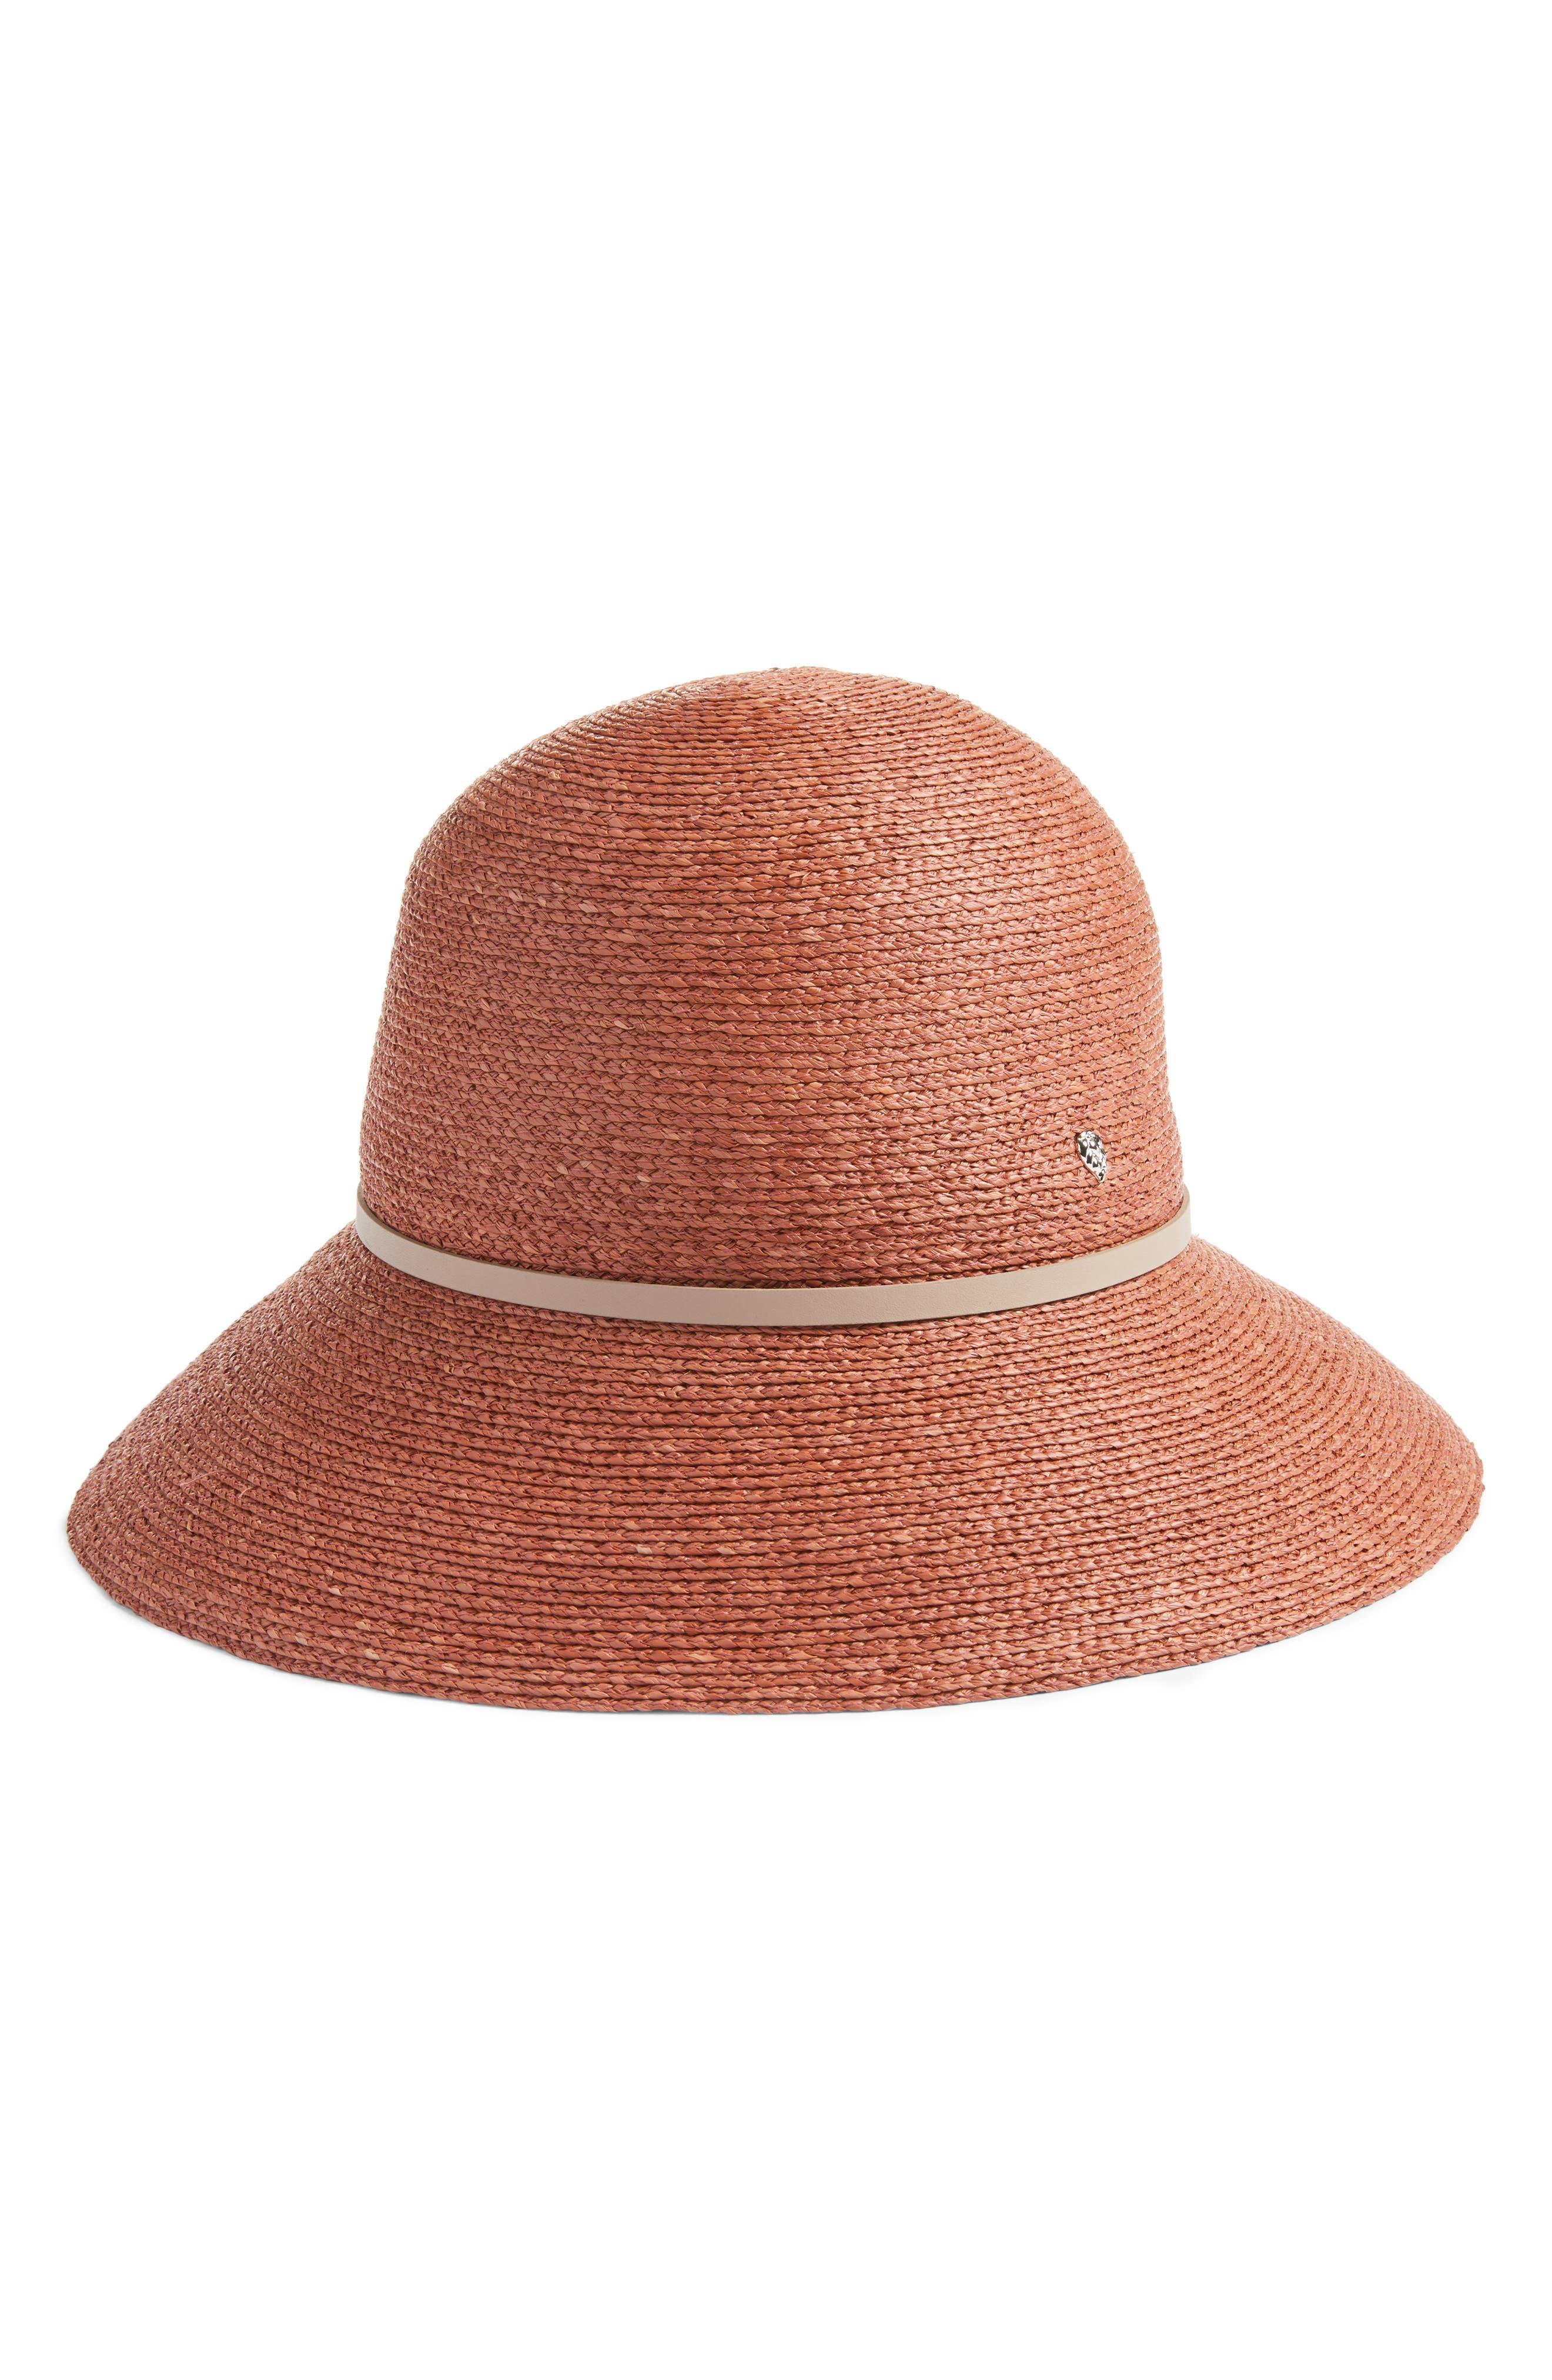 Packable Raffia Cloche Hat,                             Alternate thumbnail 4, color,